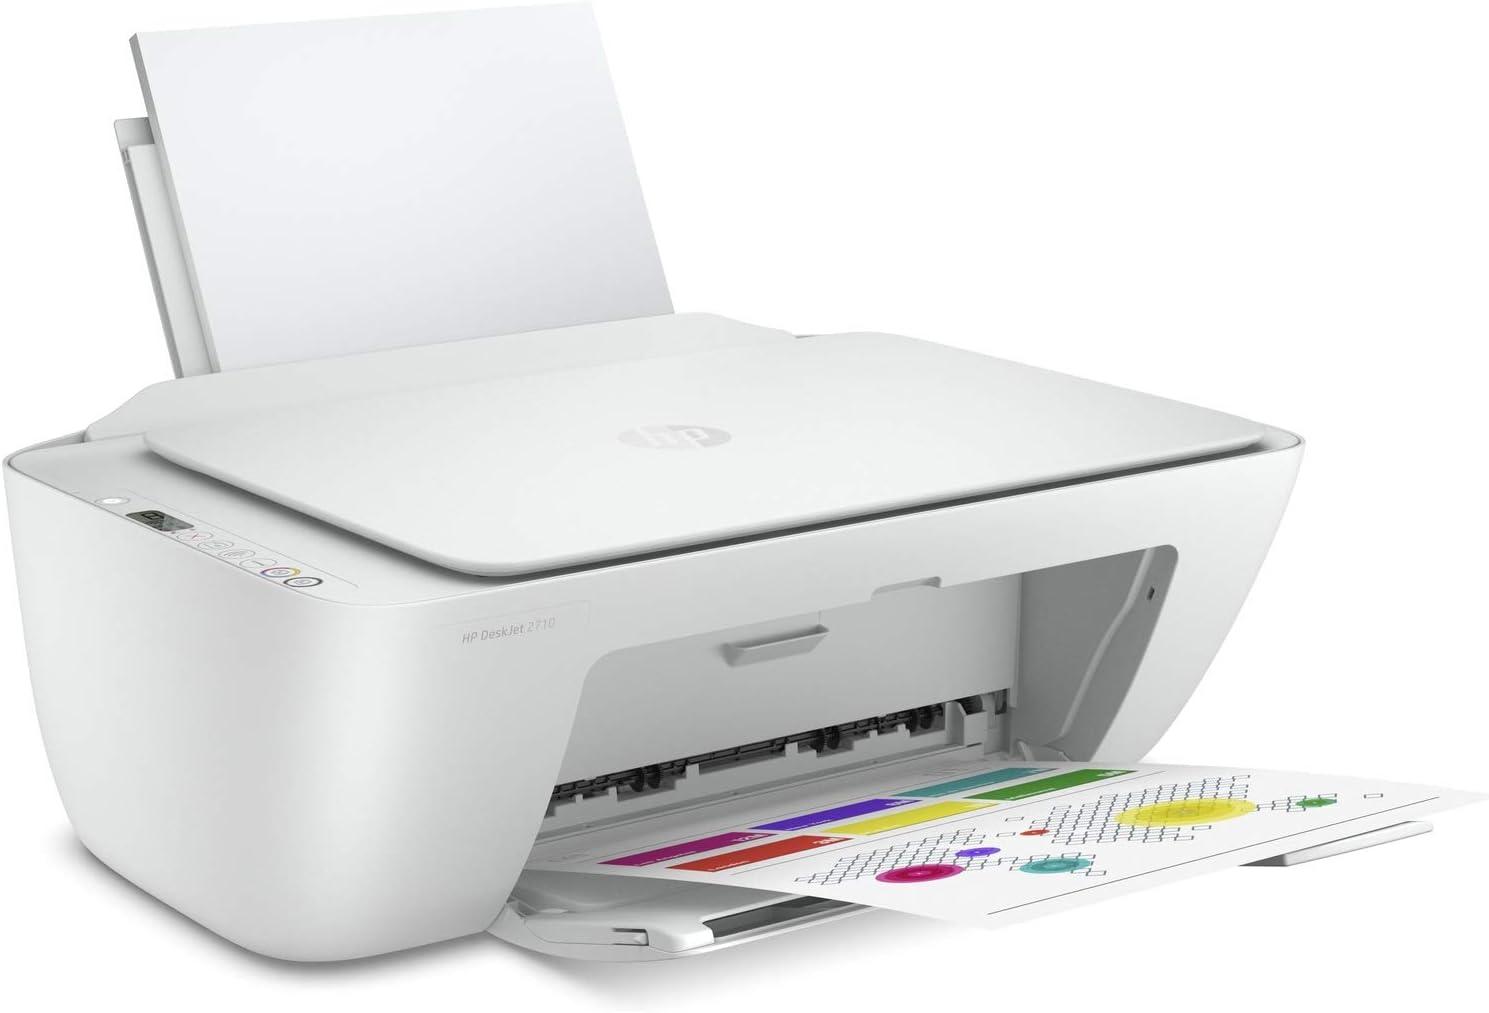 HP DeskJet 2710 - Impresora multifunción, Color Blanco, pequeña